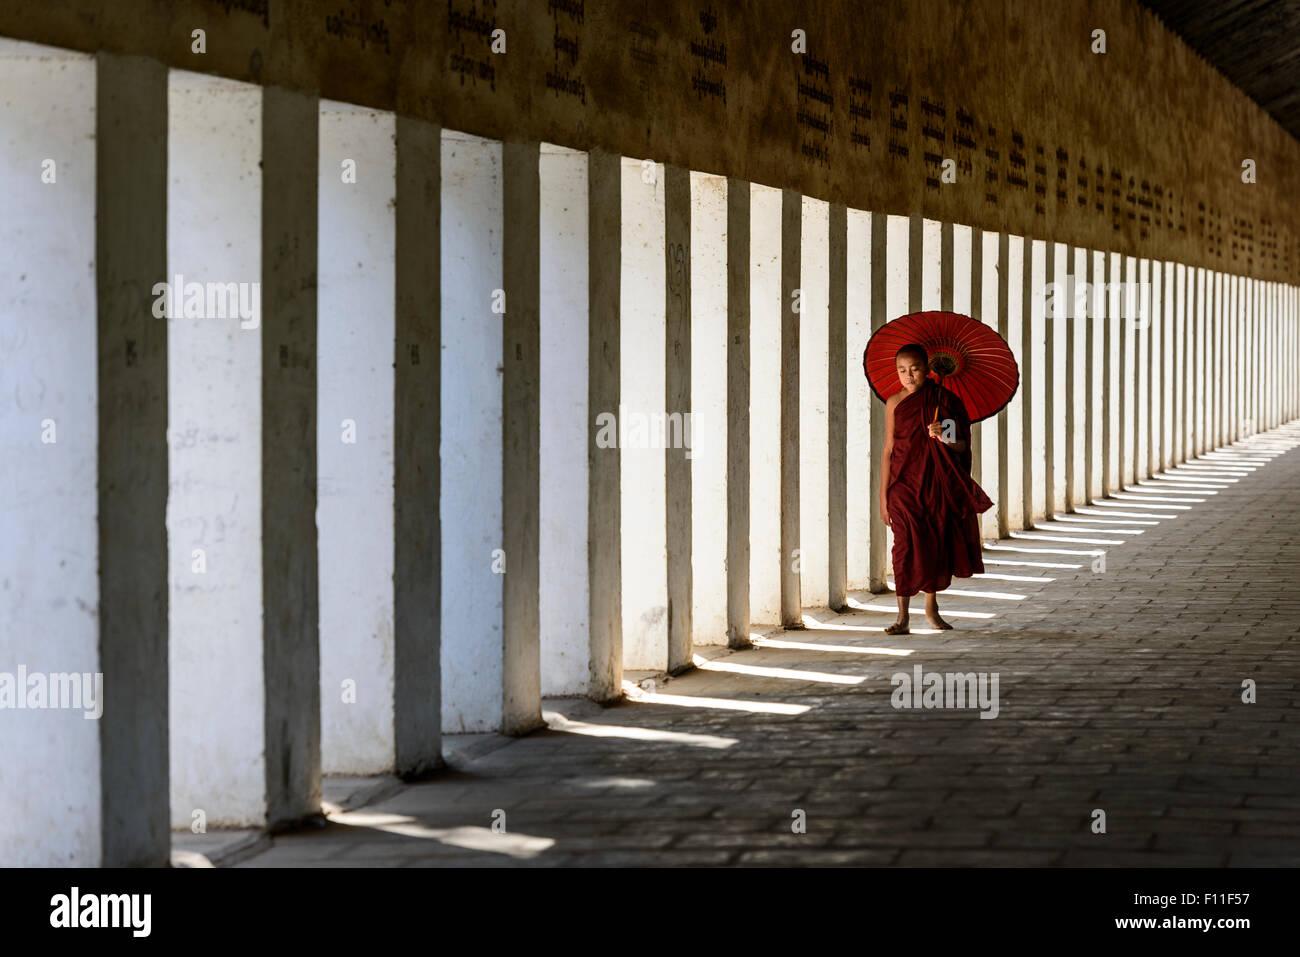 Moine asiatique en formation réalisation parasol dans le couloir Photo Stock